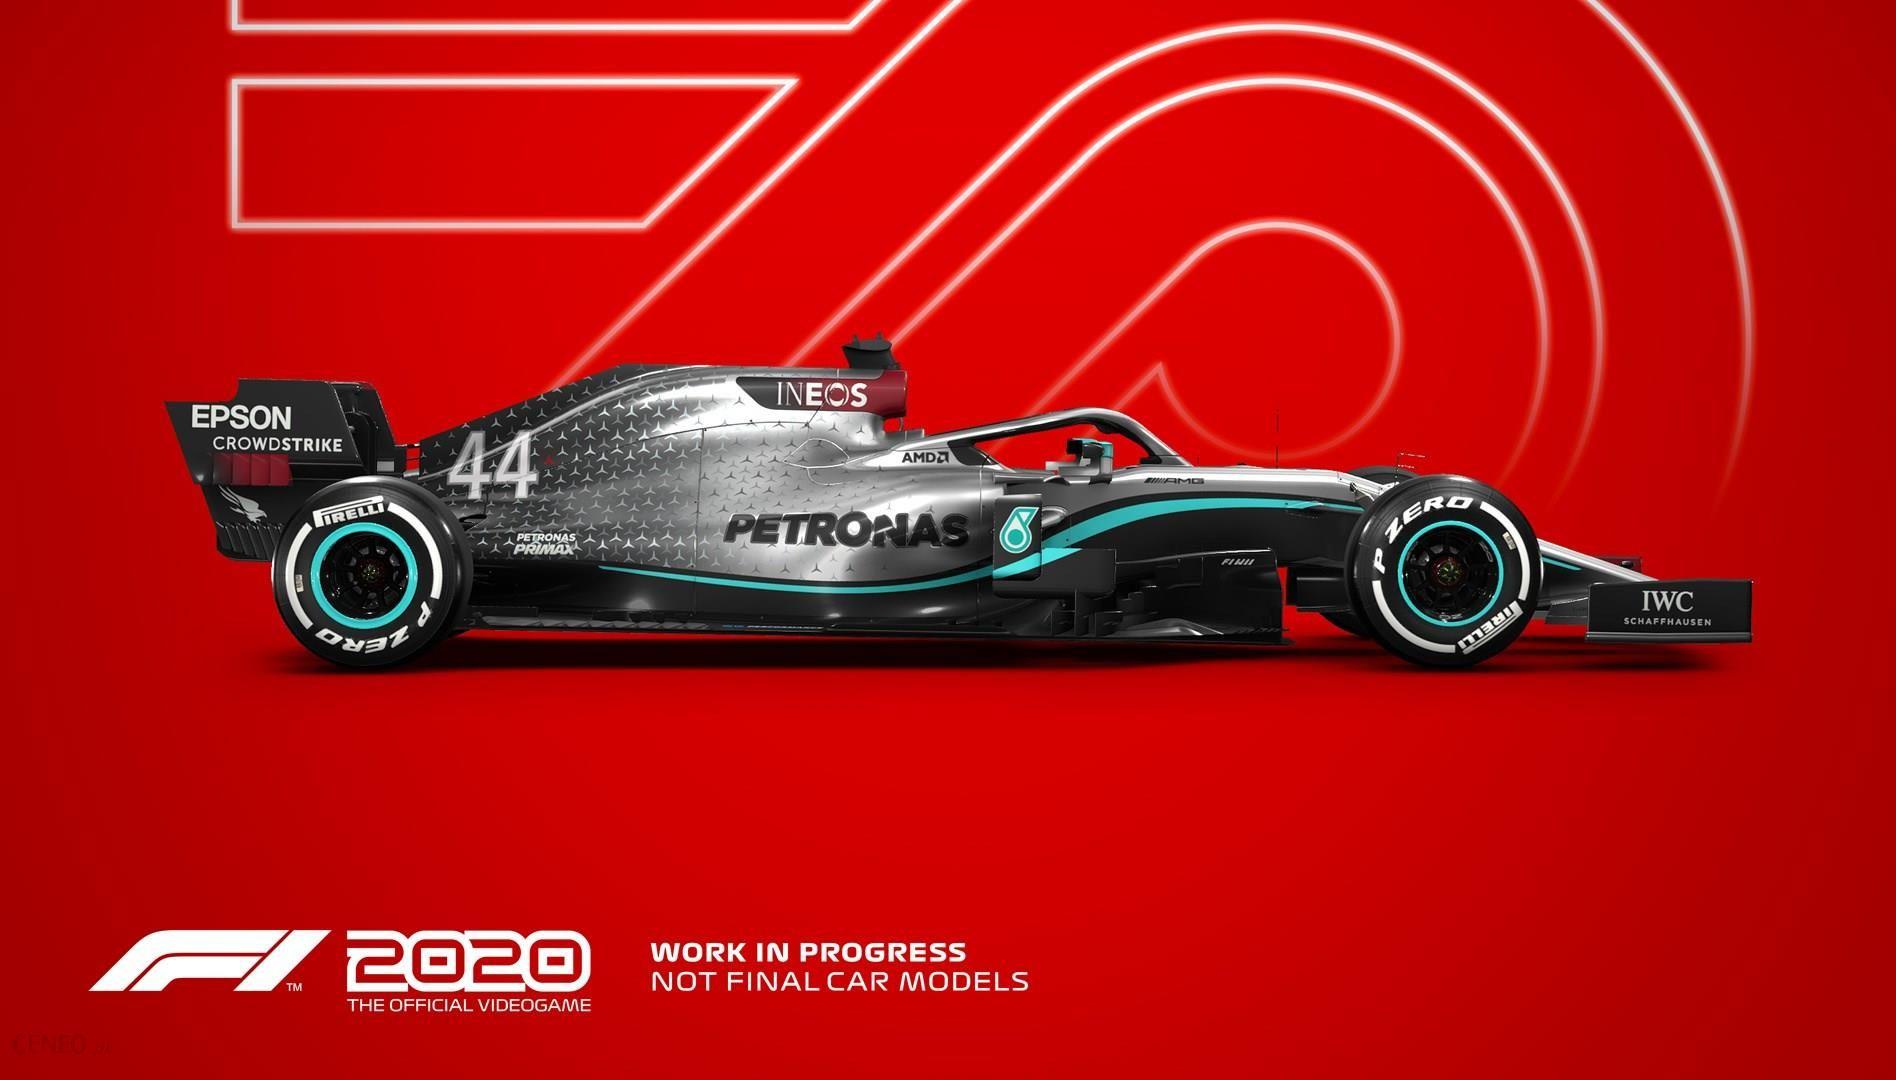 F1 2020 Edycja Deluxe Schumacher Gra Xbox One Od 299 90 Zl Ceny I Opinie Ceneo Pl